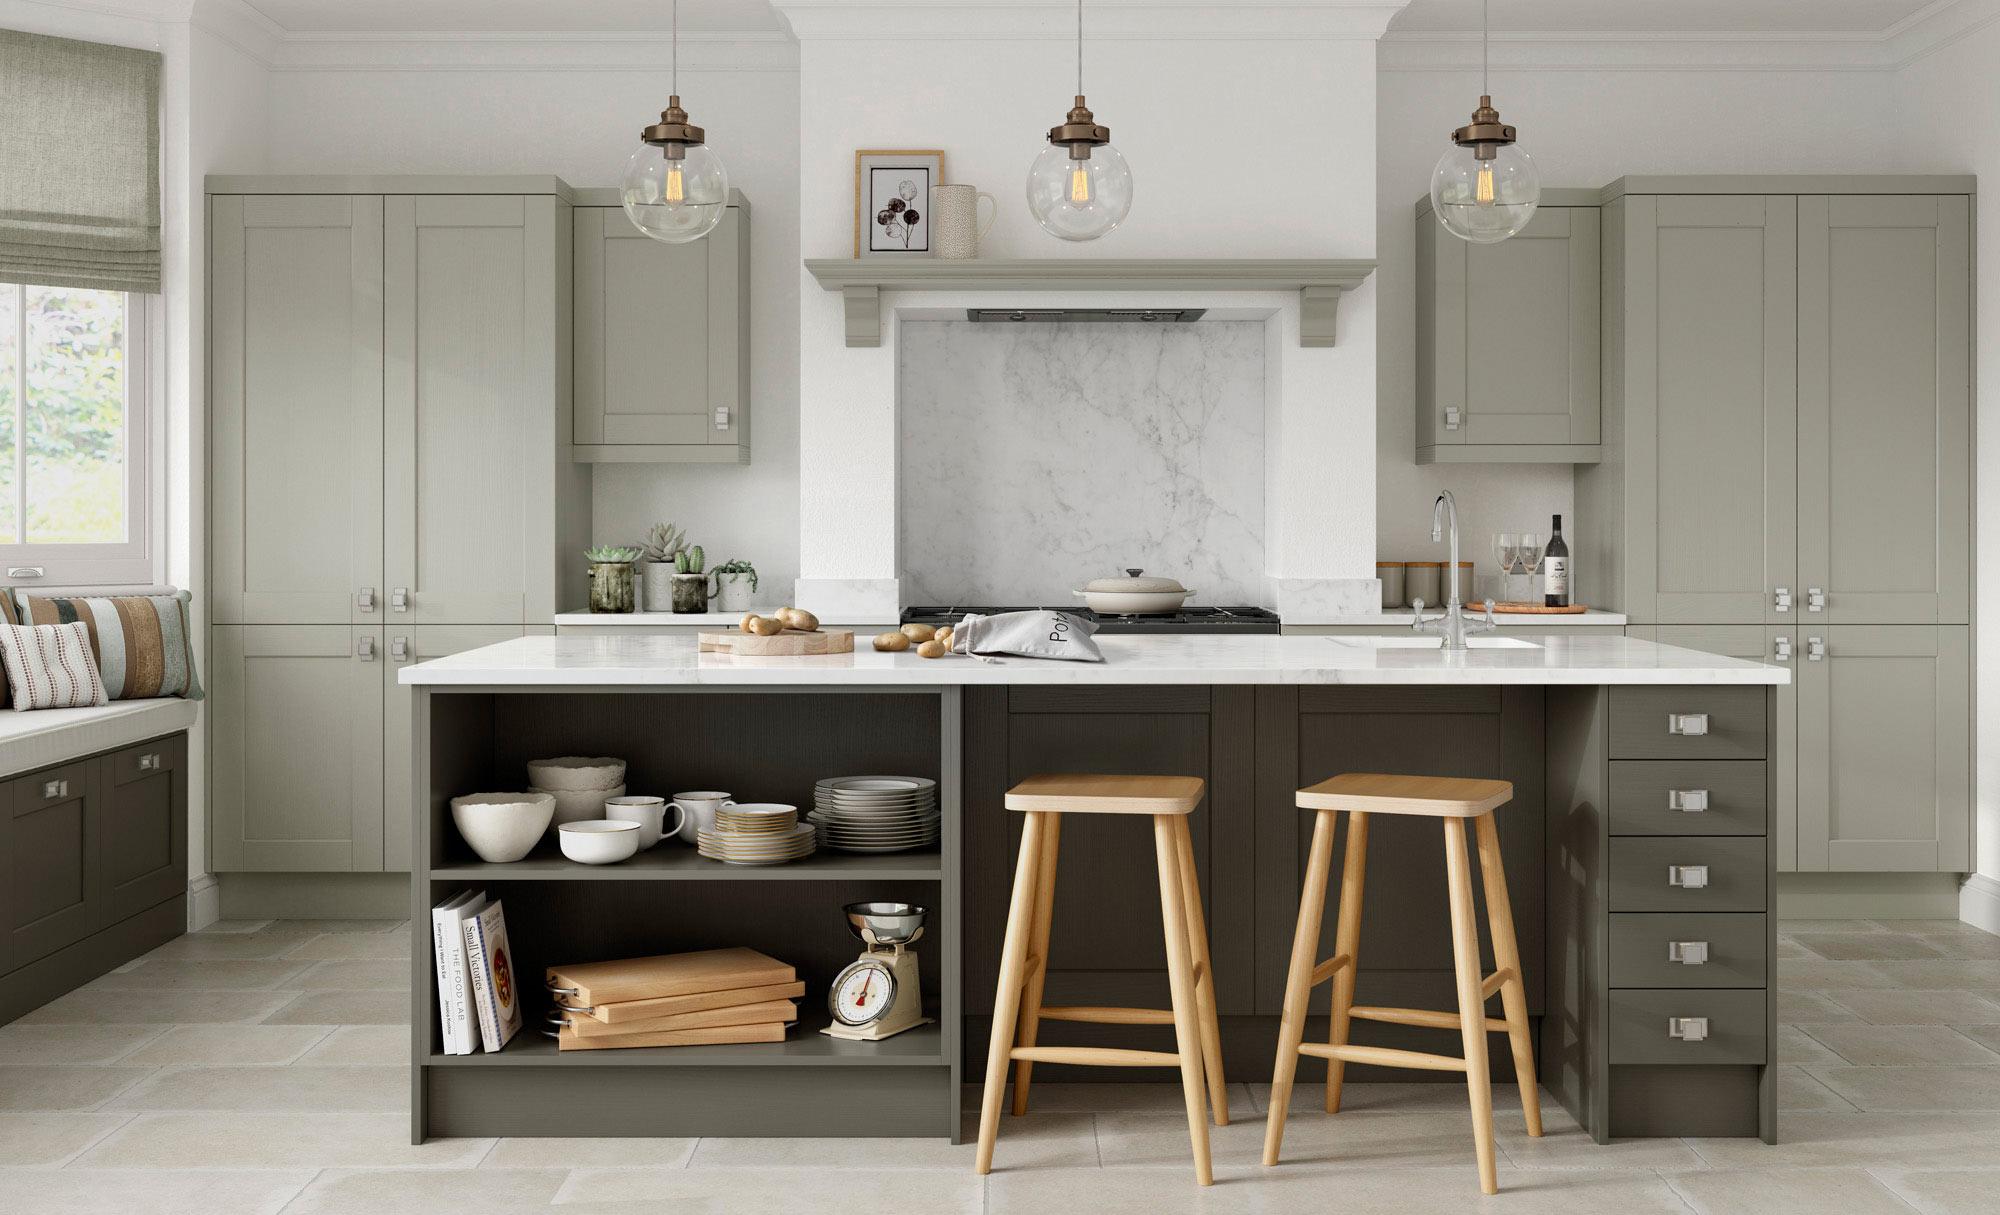 Uform Kensington Lava & Mussel  Kitchen